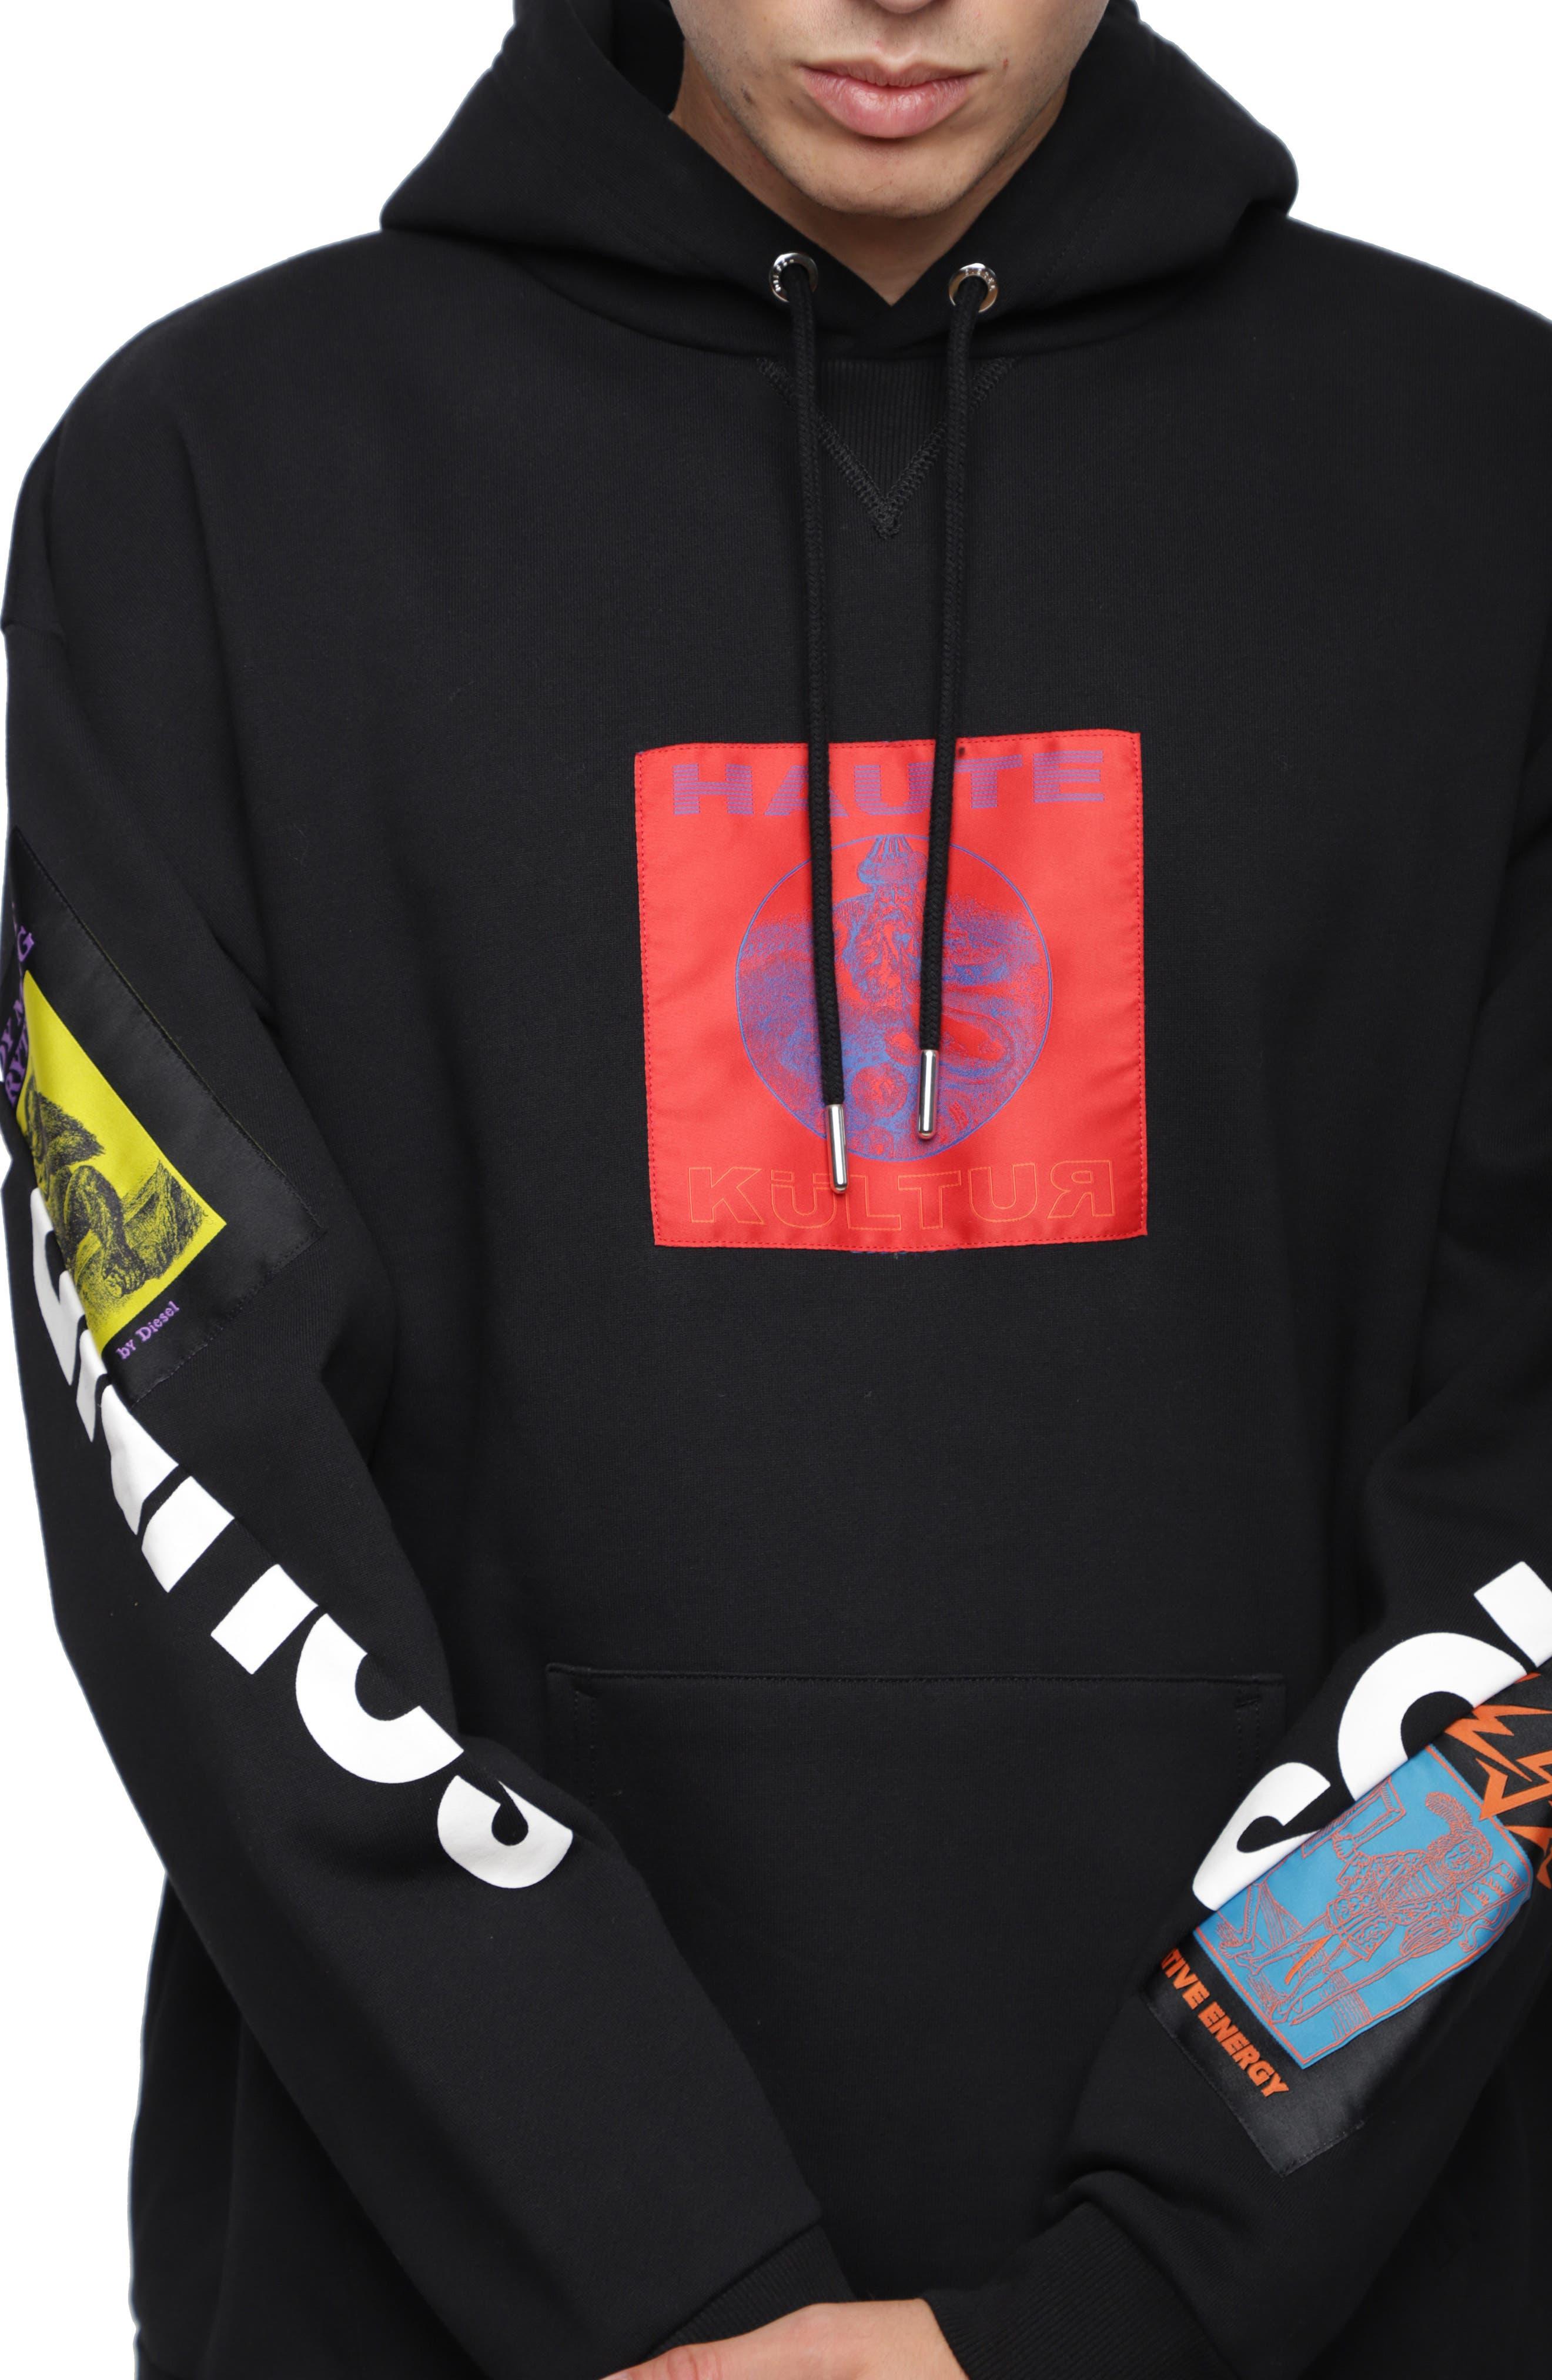 S-JACK-XA Hoodie Sweatshirt,                             Alternate thumbnail 3, color,                             001